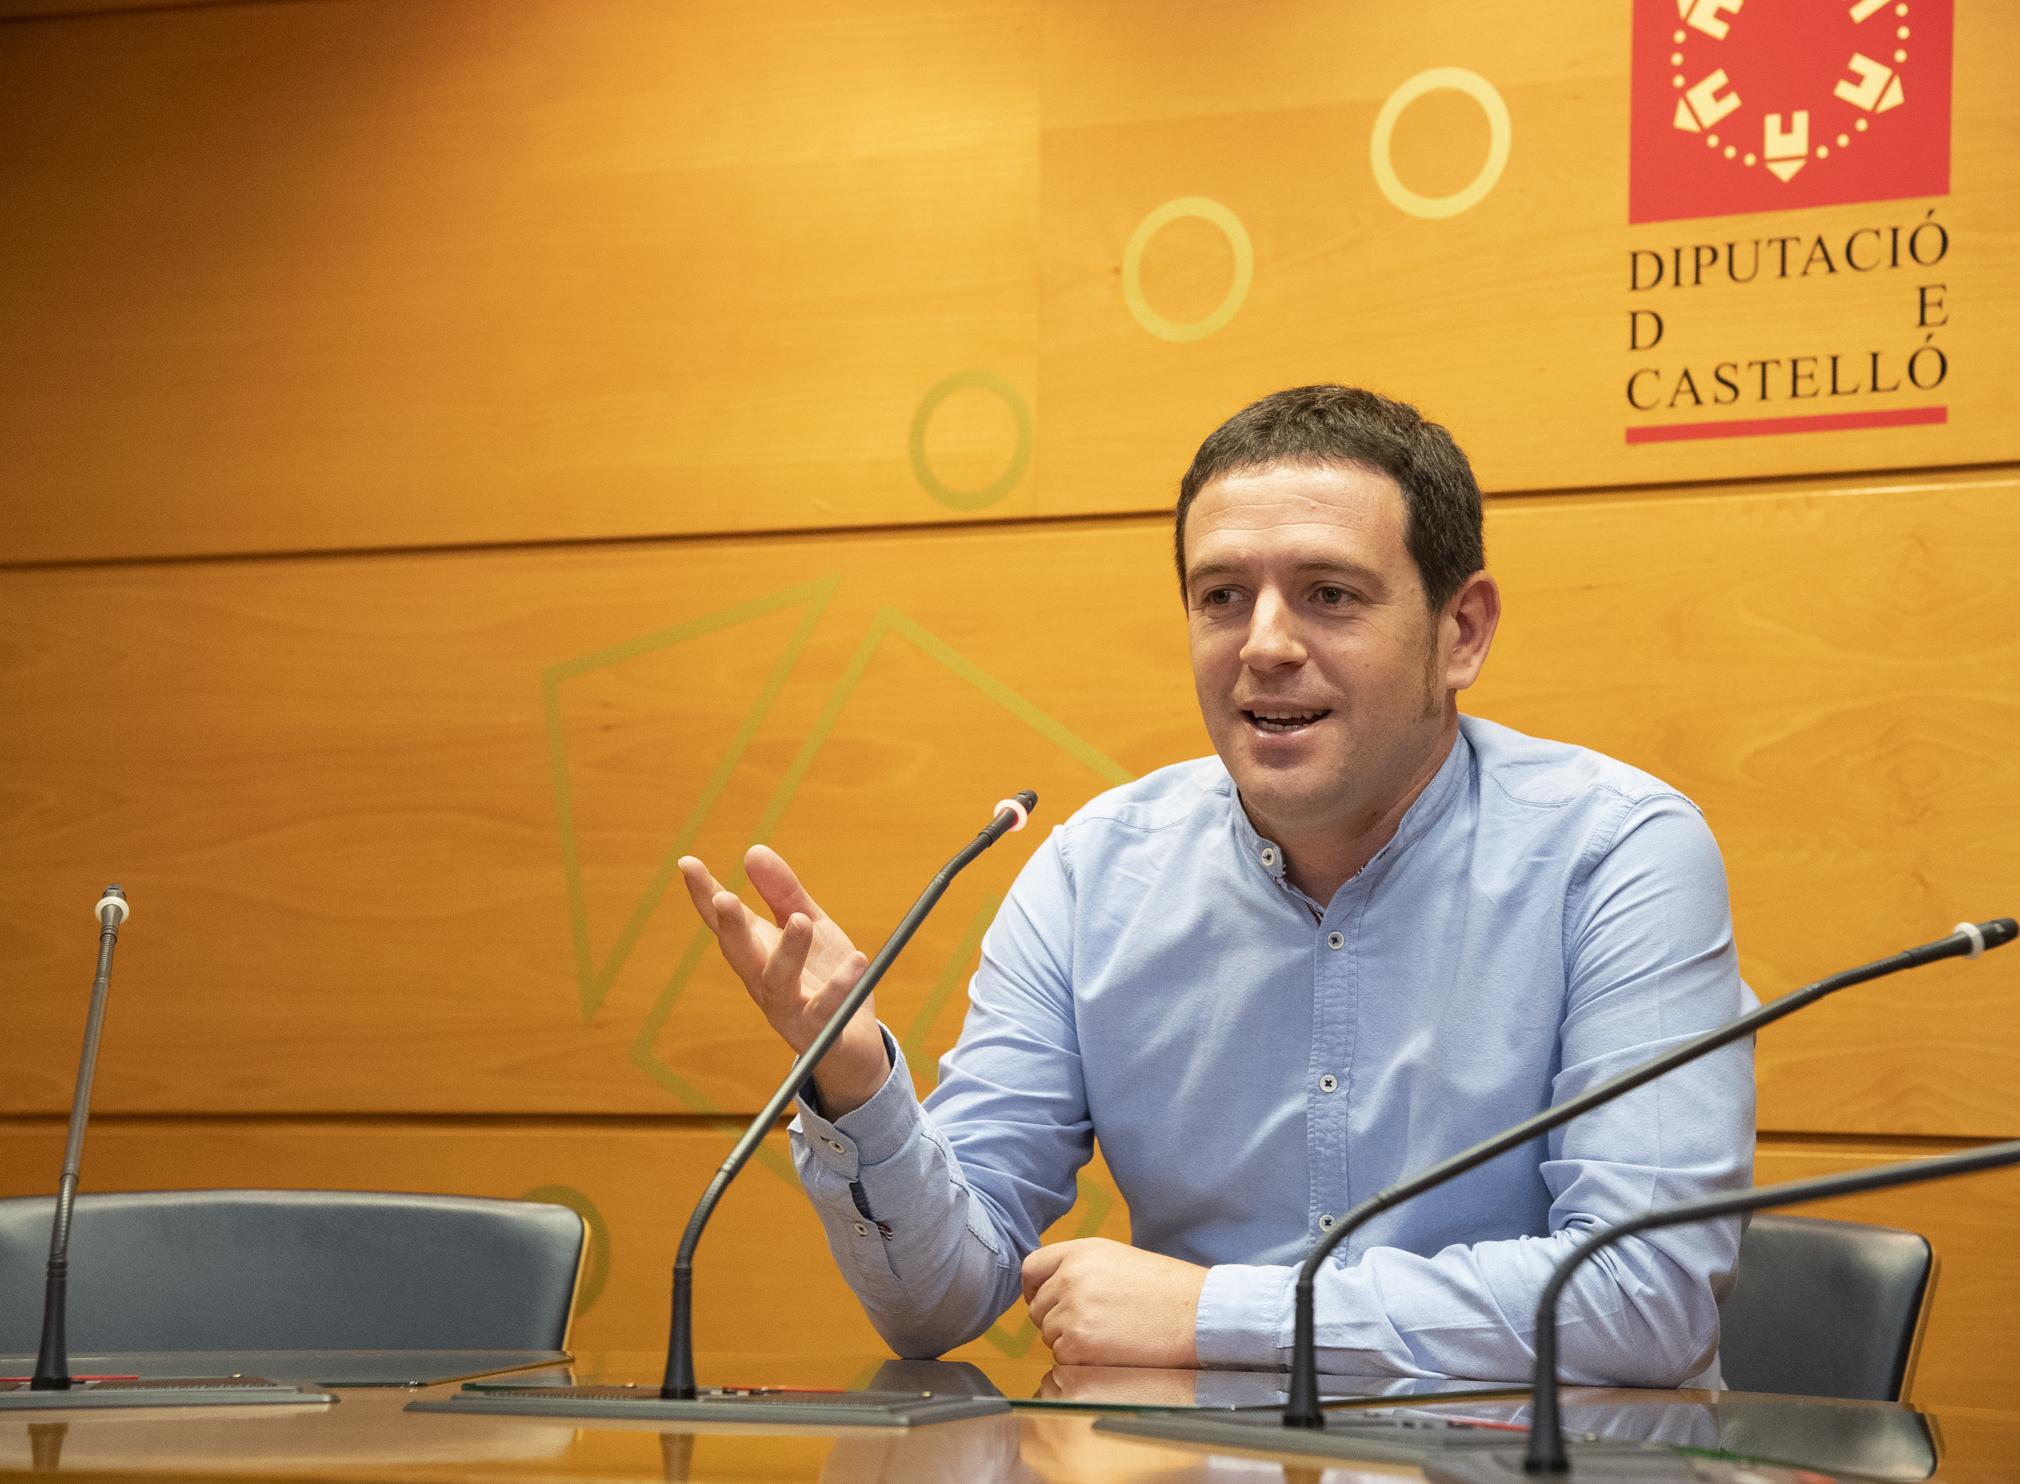 La Diputación de Castellón adjudica el contrato de inserción social para la recogida multirresiduos en pueblos de menos de 5.000 habitantes